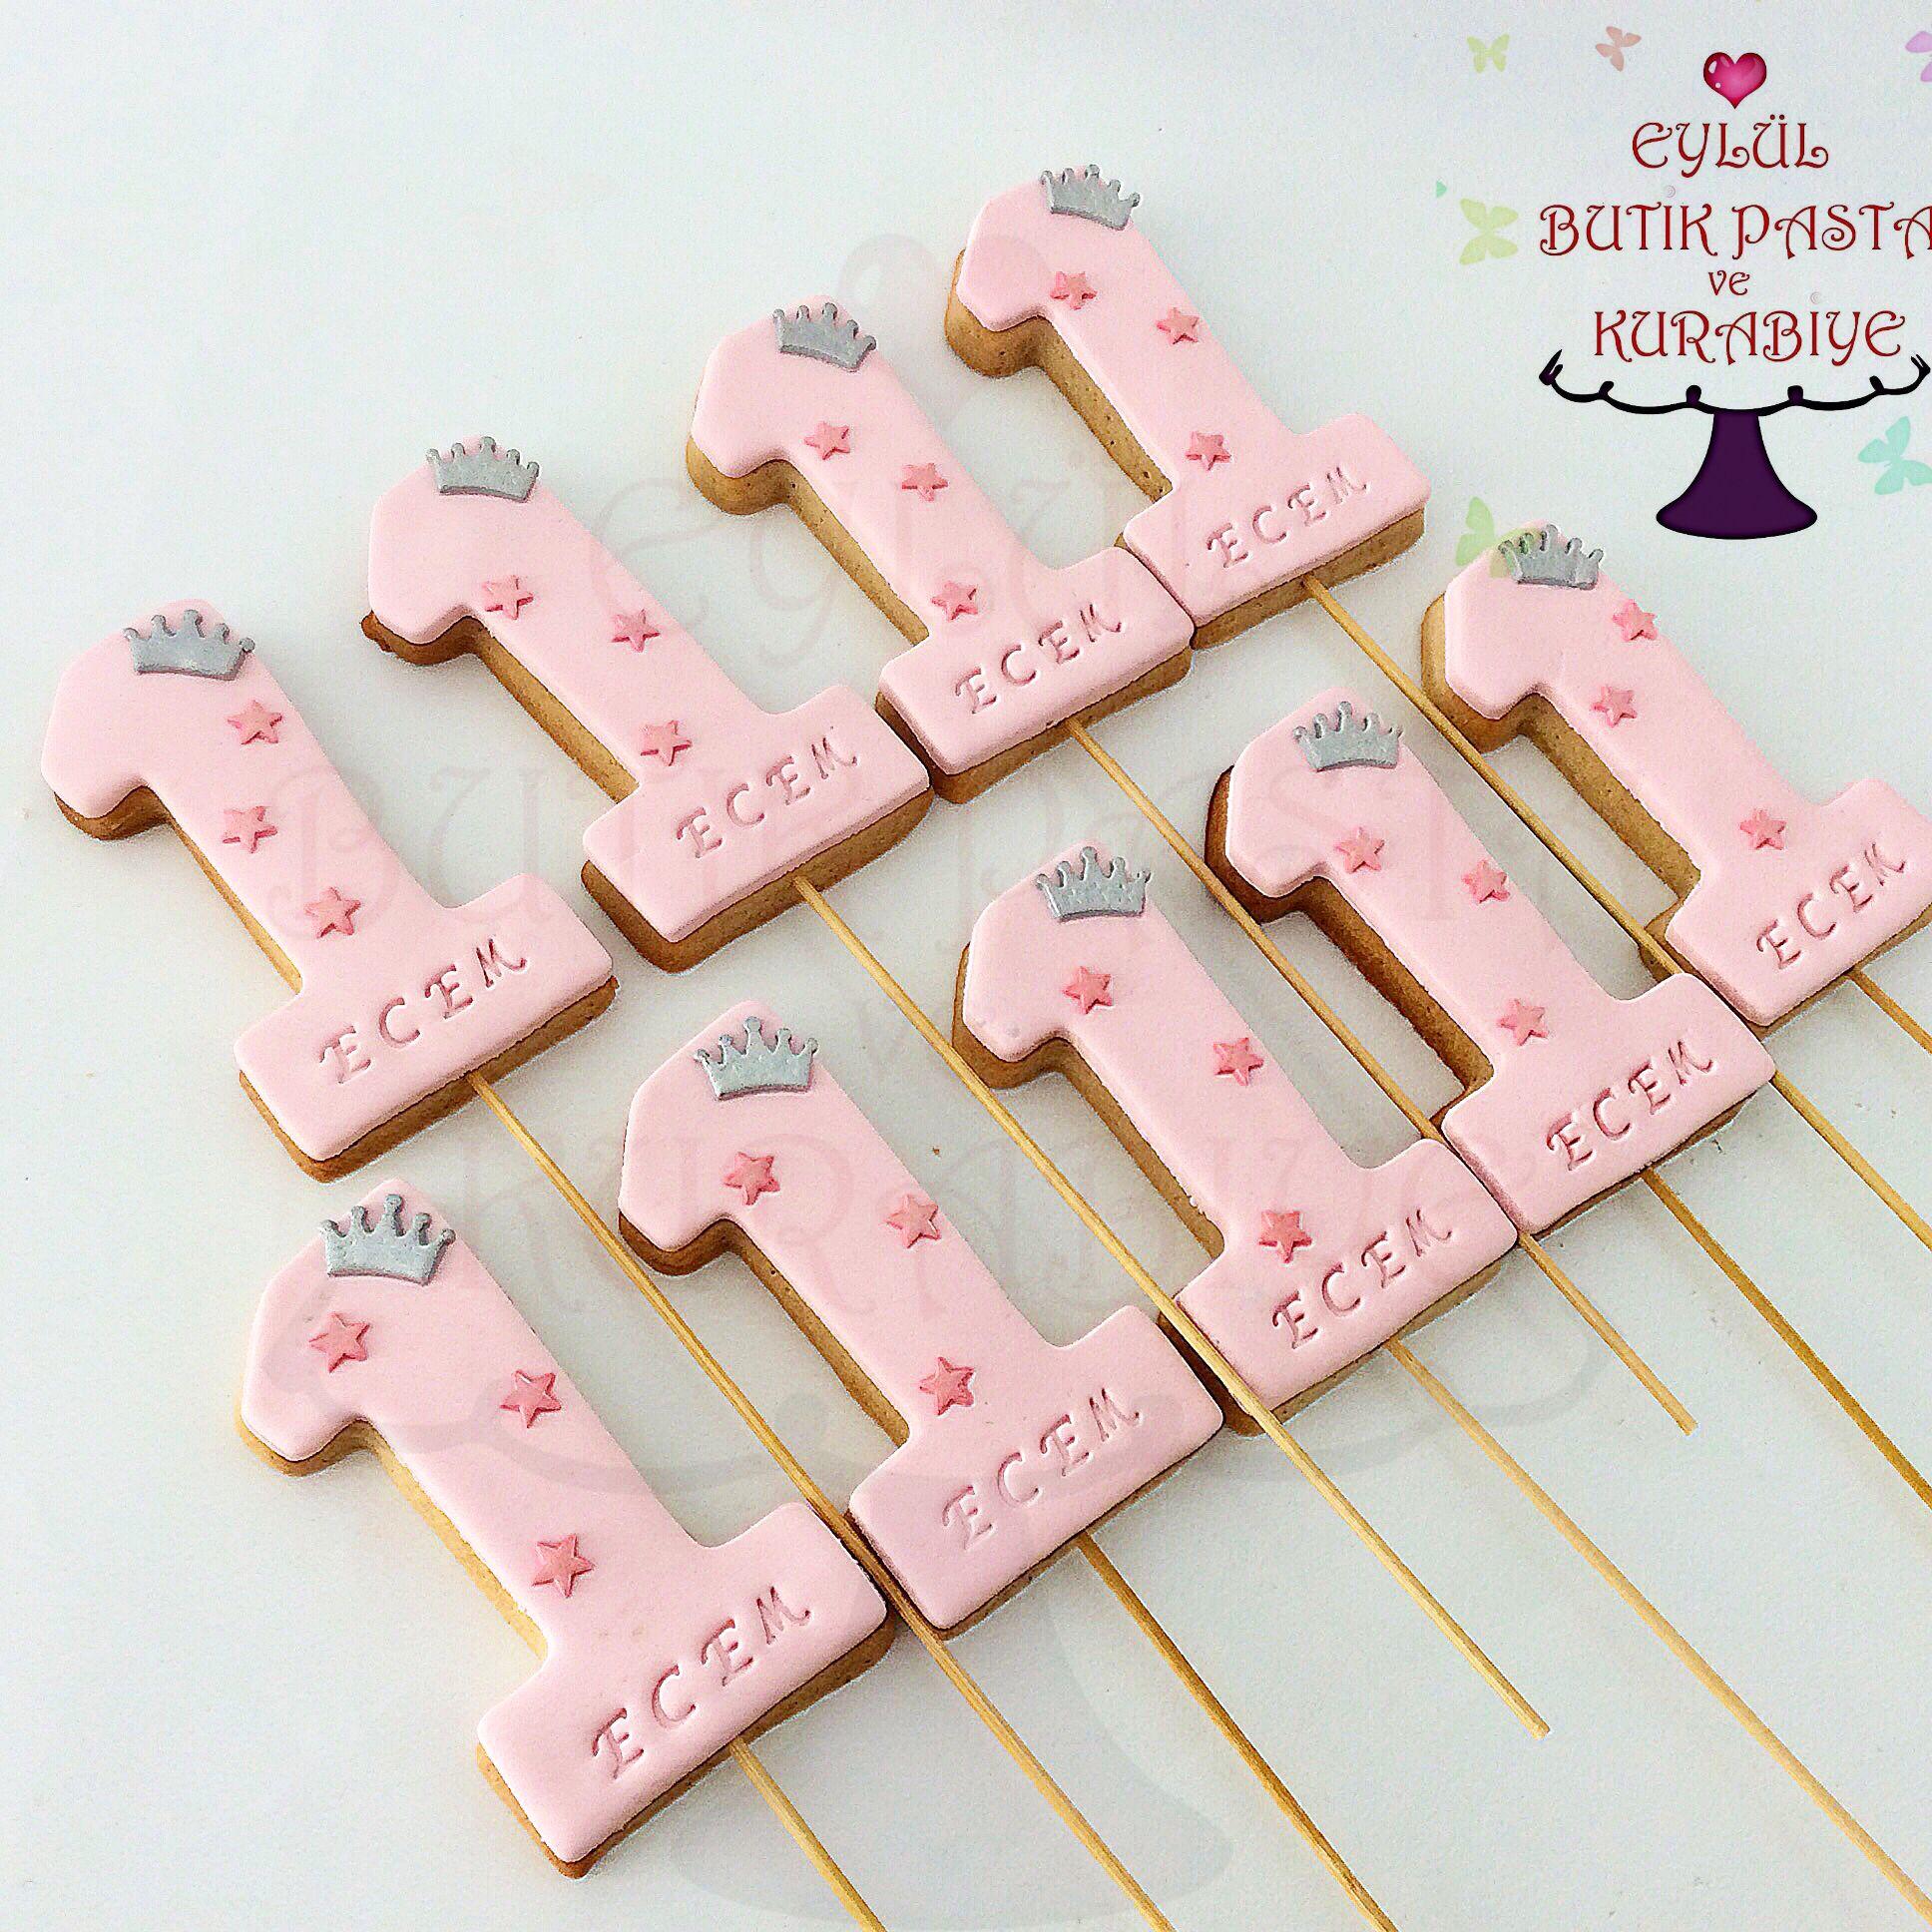 1 yas kurabiyeleri #doğumgünüpartileri